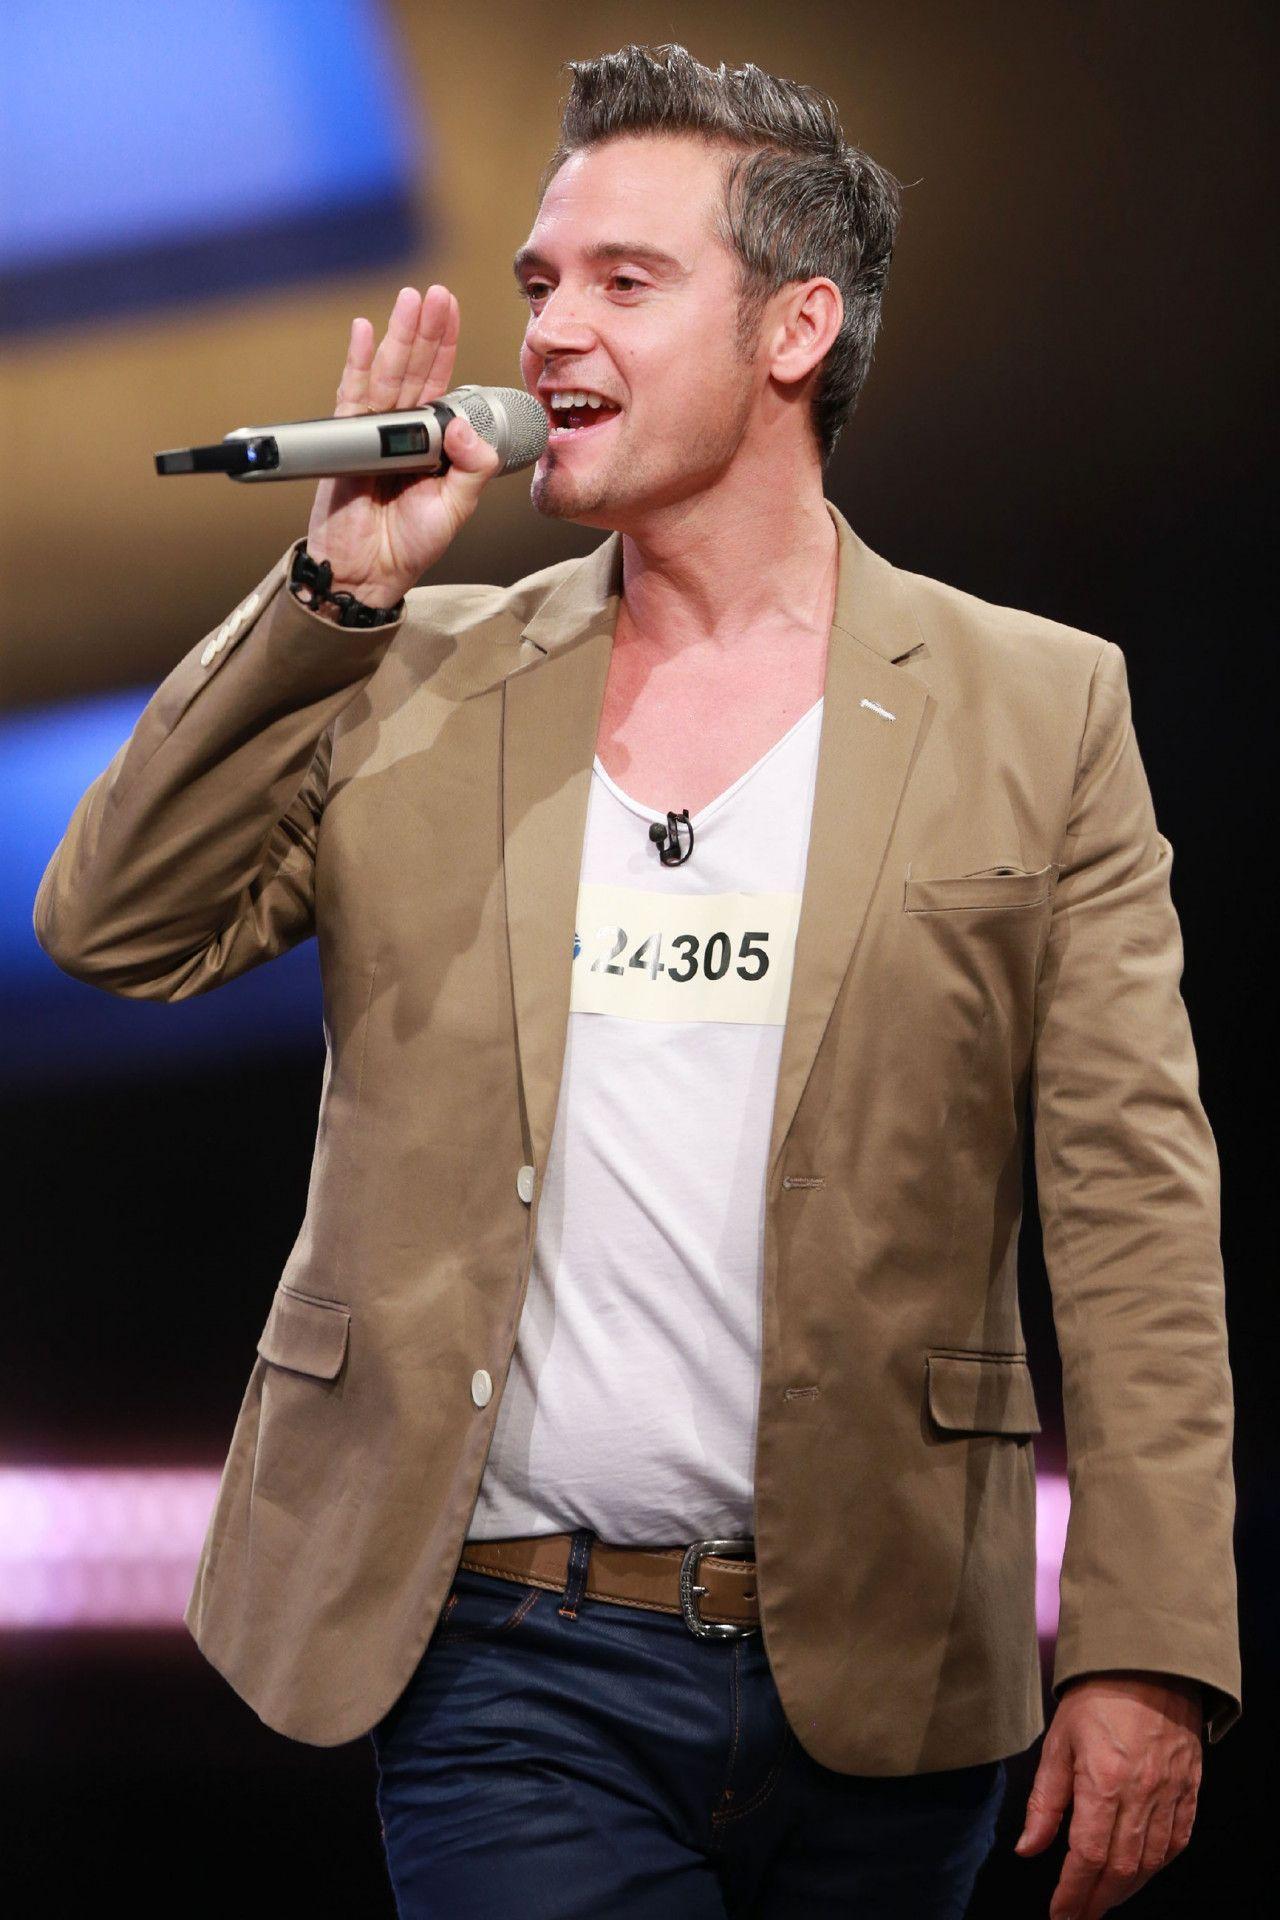 """""""Ich werde Superstar, weil ich eine bestimmte Präsenz habe. Ich habe Ausstrahlung, habe eine Stimme, bin eine Type und ich werde es zeigen"""", kündigt Marko an."""